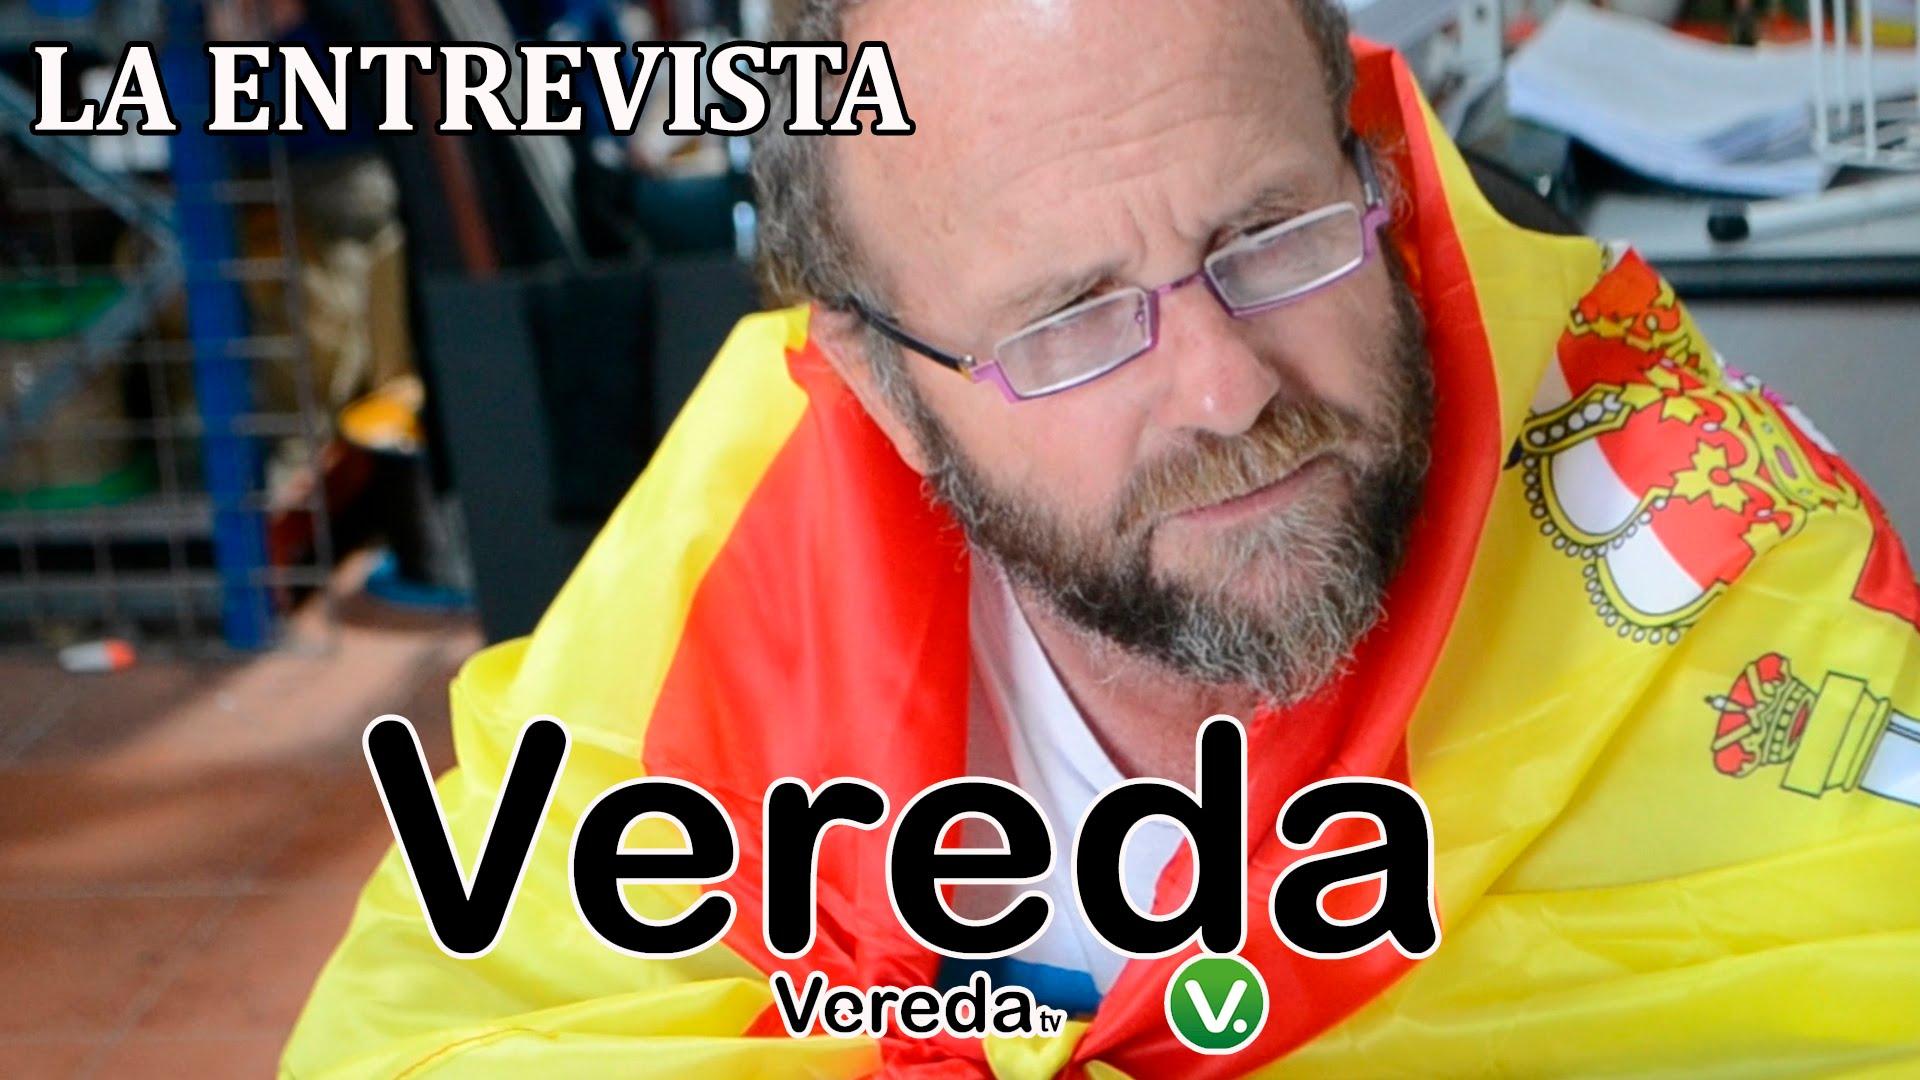 El Gobierno de Canarias abre expedientes contra la Cofradía de la Restinga y Federación Canarias de Pescadores que Preside Fernando Gutiérrez por falta de TRANSPARENCIA, CENSURA y OPACIDAD en las cuentas publicas de los entes cofrades.